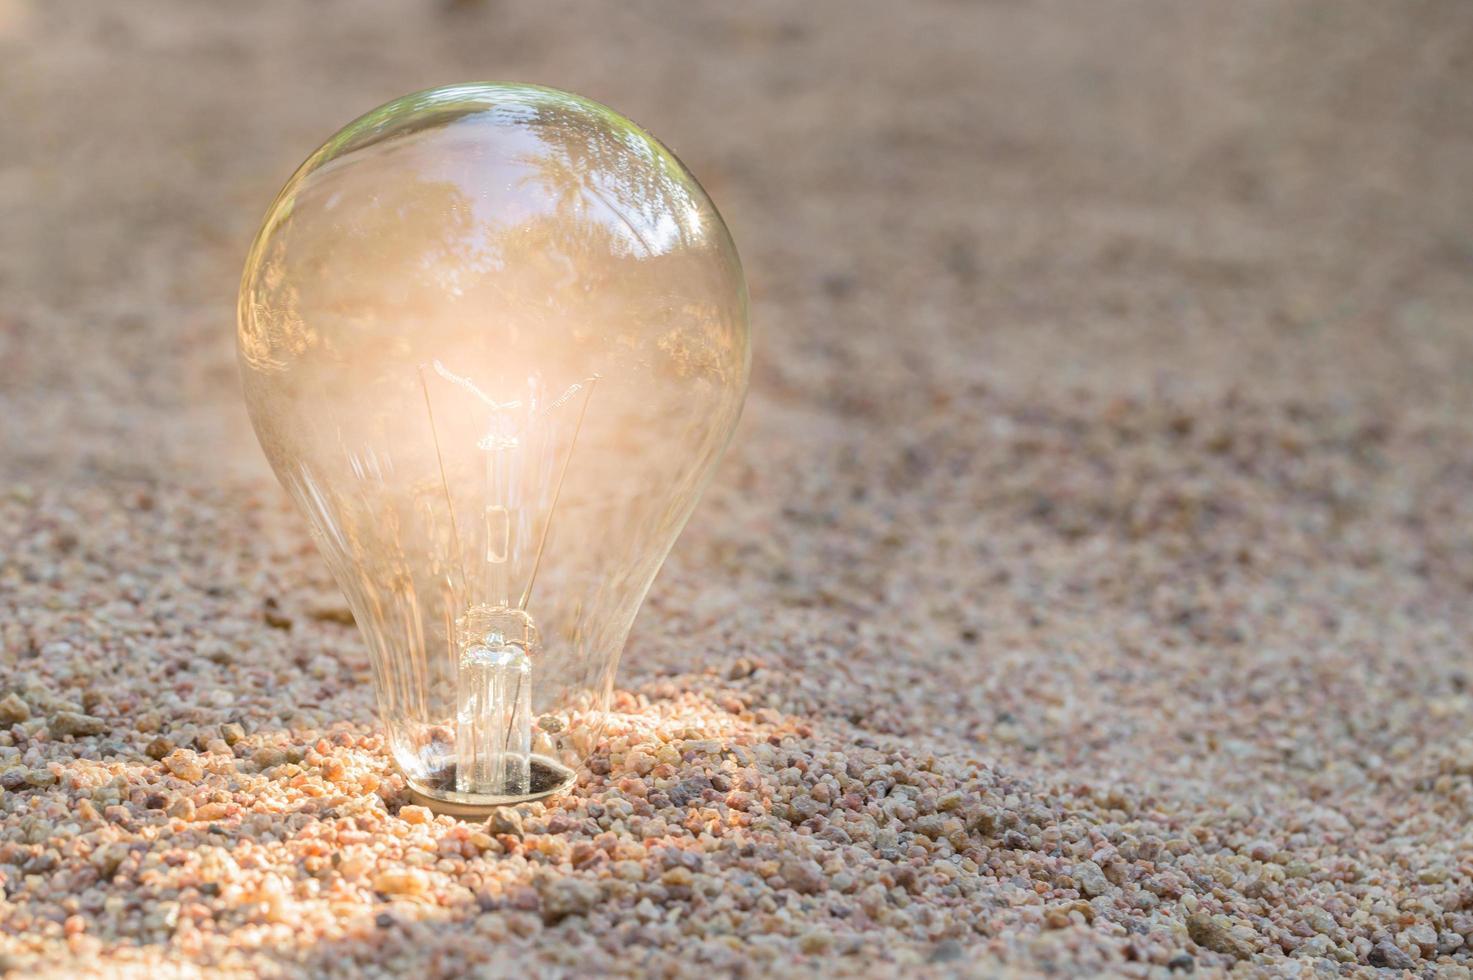 natürliches Energiekonzept der Glühbirne am Strand foto